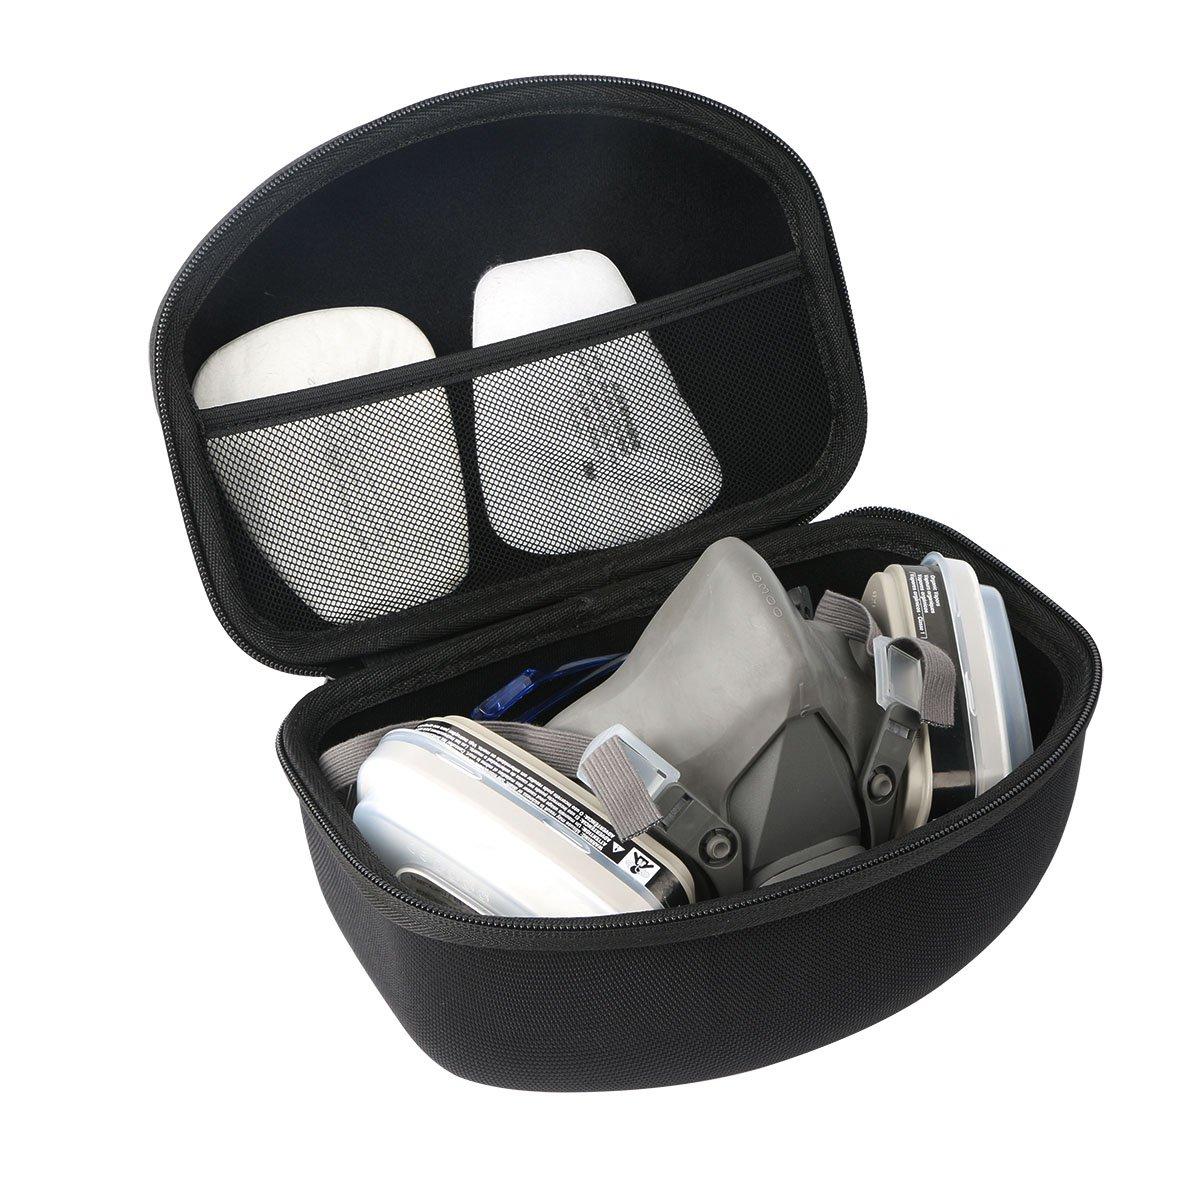 Khanka Hard Storage Case for 3M 07193 / 07192 Dual Cartridge Respirator Assembly,Organic Vapor/P95,Large